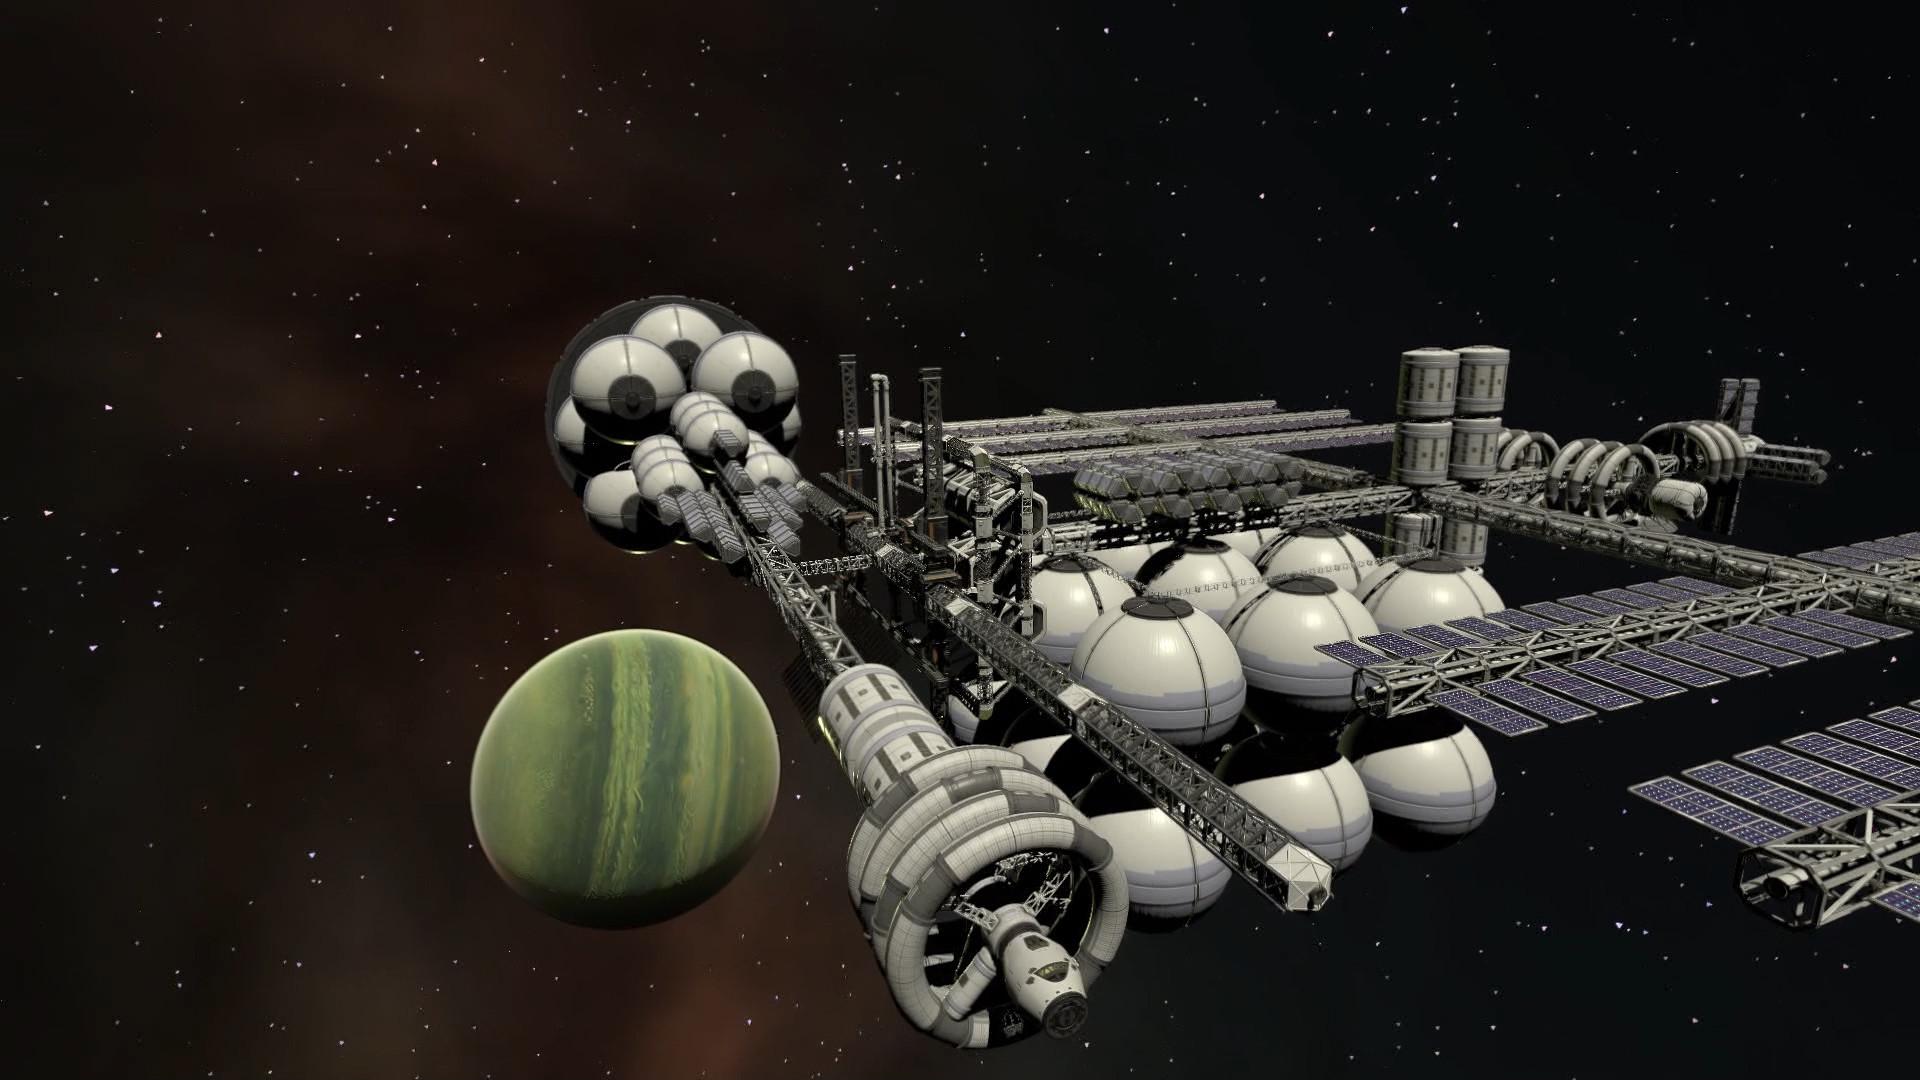 [Jeux] Kerbal Space Program 2 (2020) Ss_b2038b6ad3b7c22507fd1614e2781e59a01c1b5e.1920x1080